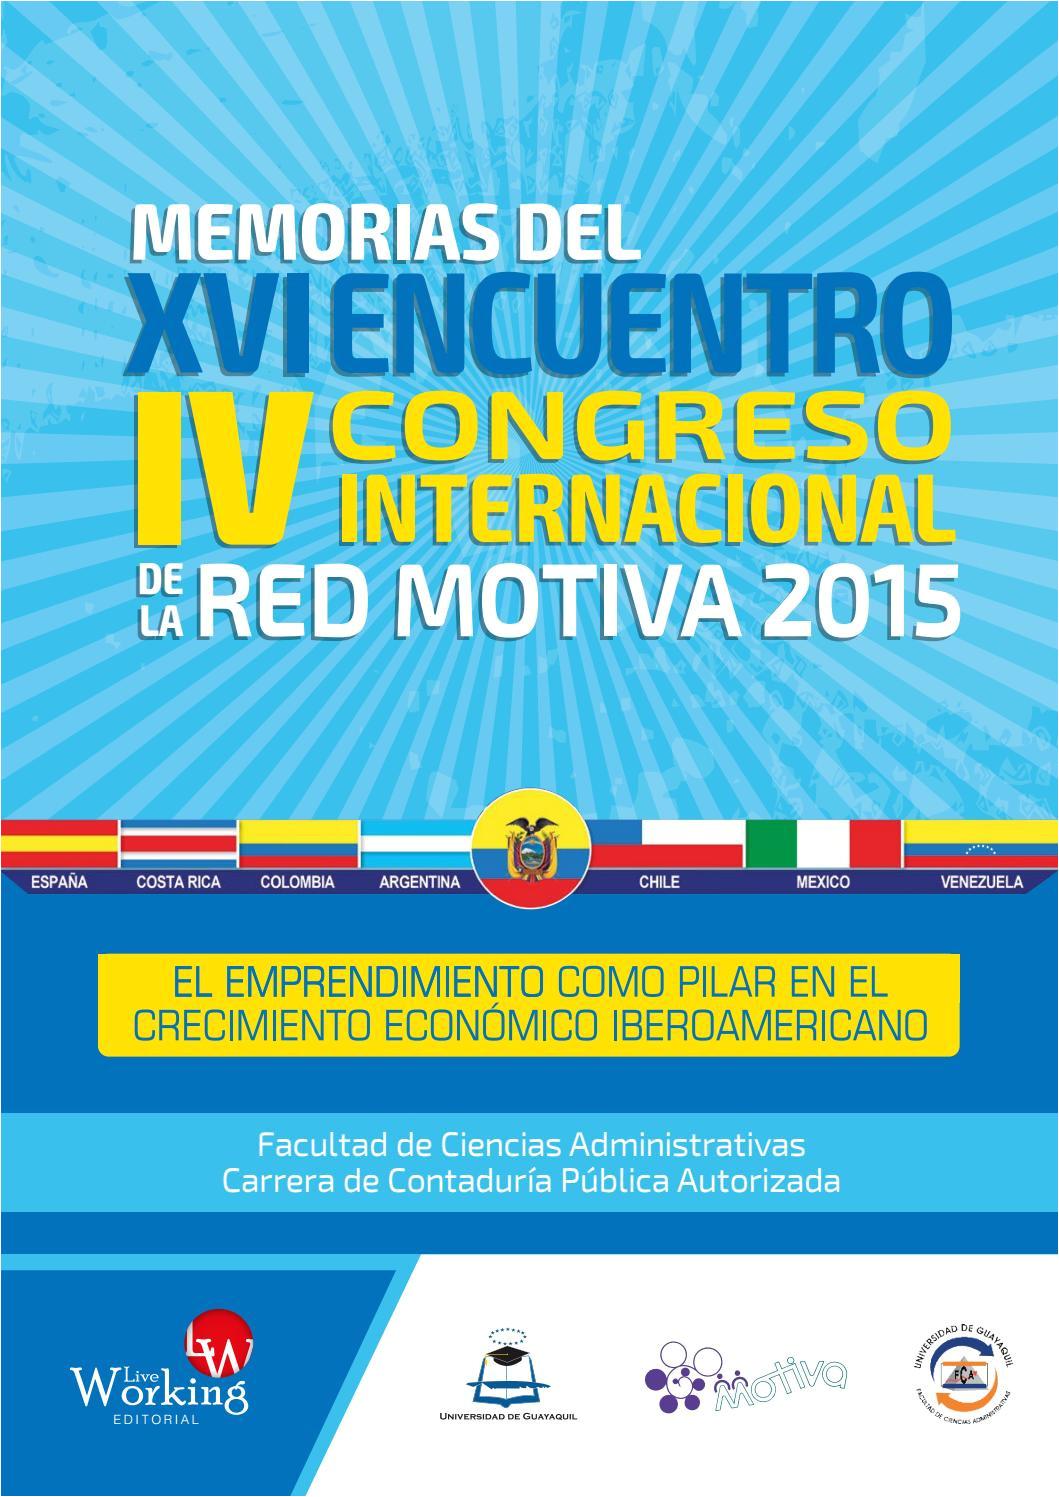 memorias del xvi encuentro iv congreso internacional de la red motiva 2015 by ciencias administrativas ug issuu